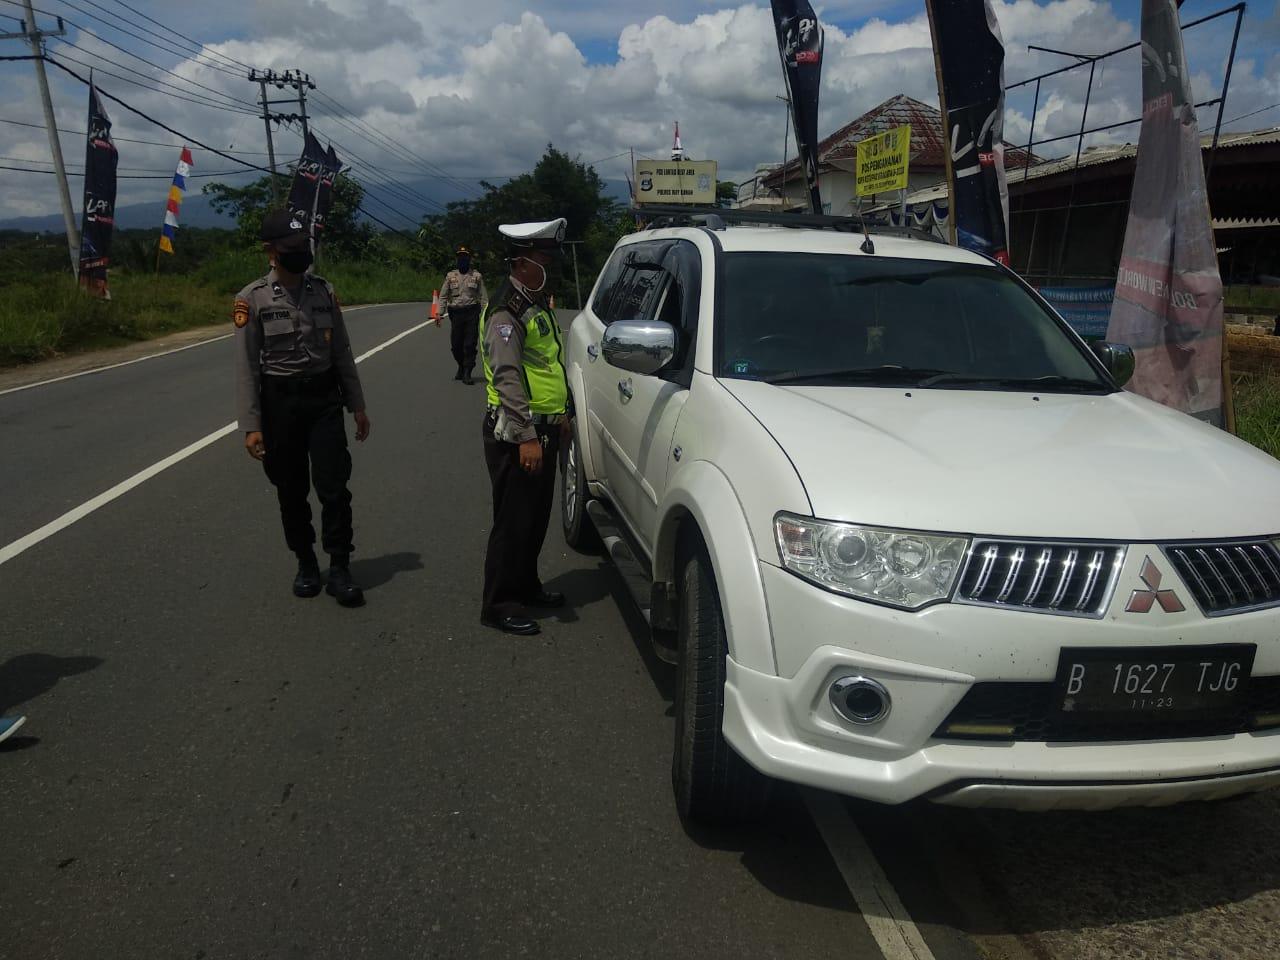 Polres Way Kanan Operasi Ketupat Krakatau 2020, Lakukan Pembatasan Kendaraan